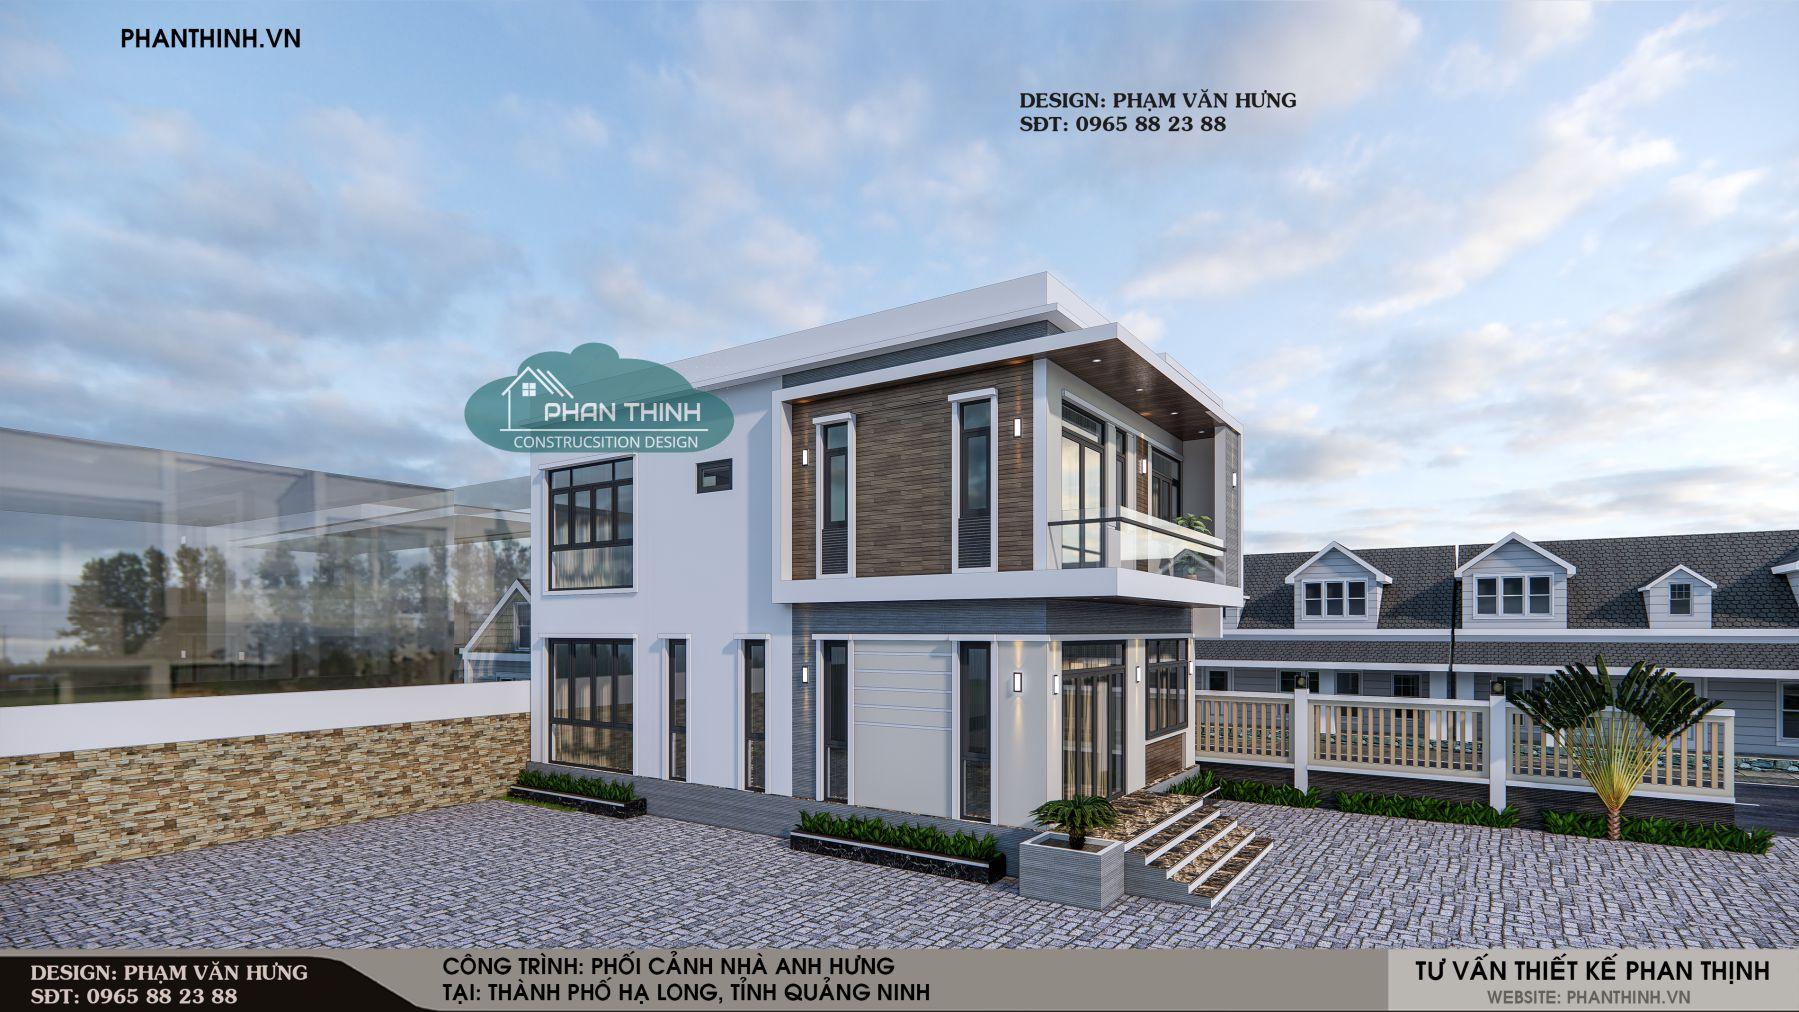 Ngôi nhà 2 tầng có phong cách thiết kế hiện đại